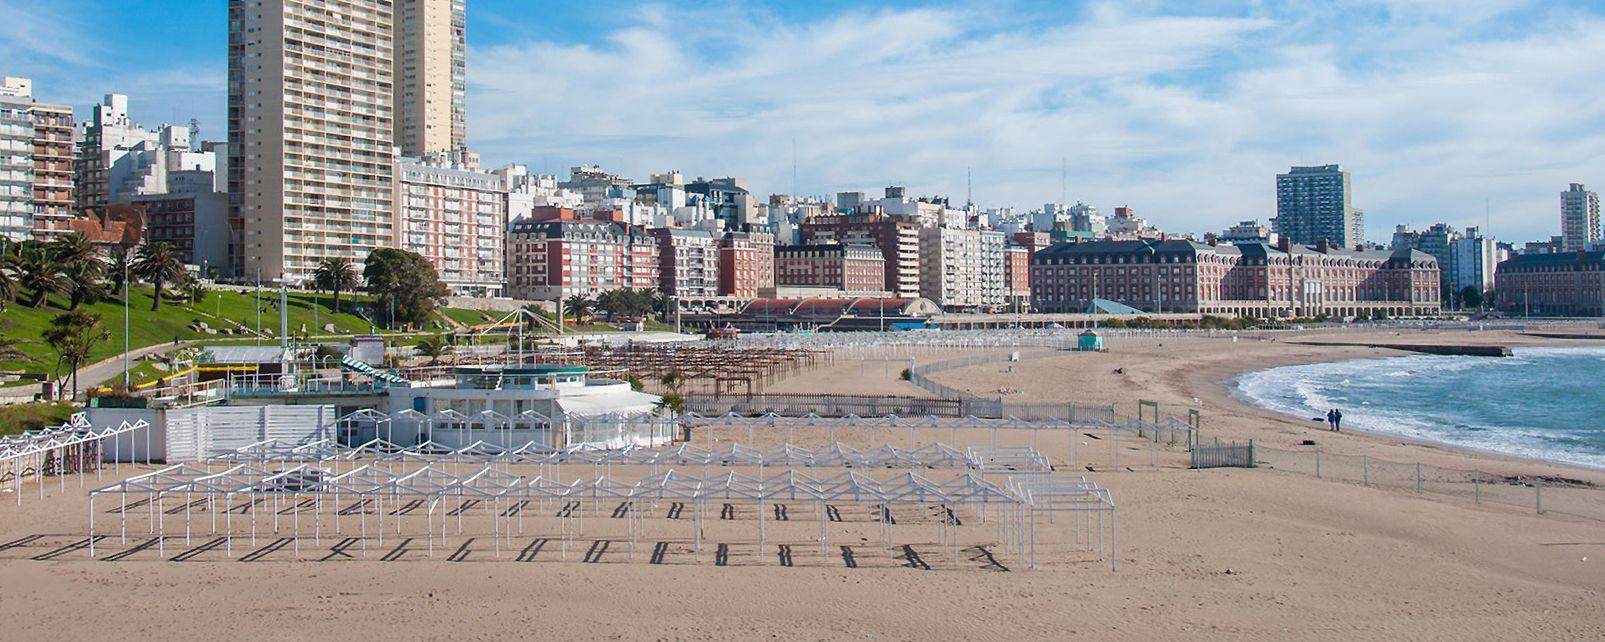 mar del plata dating site Mysticos is a 48 old woman live in mar del plata, buenos aires, argentina pareja joven en busca de otras parejas el 27 años, ella 23 queremos conocer gente.